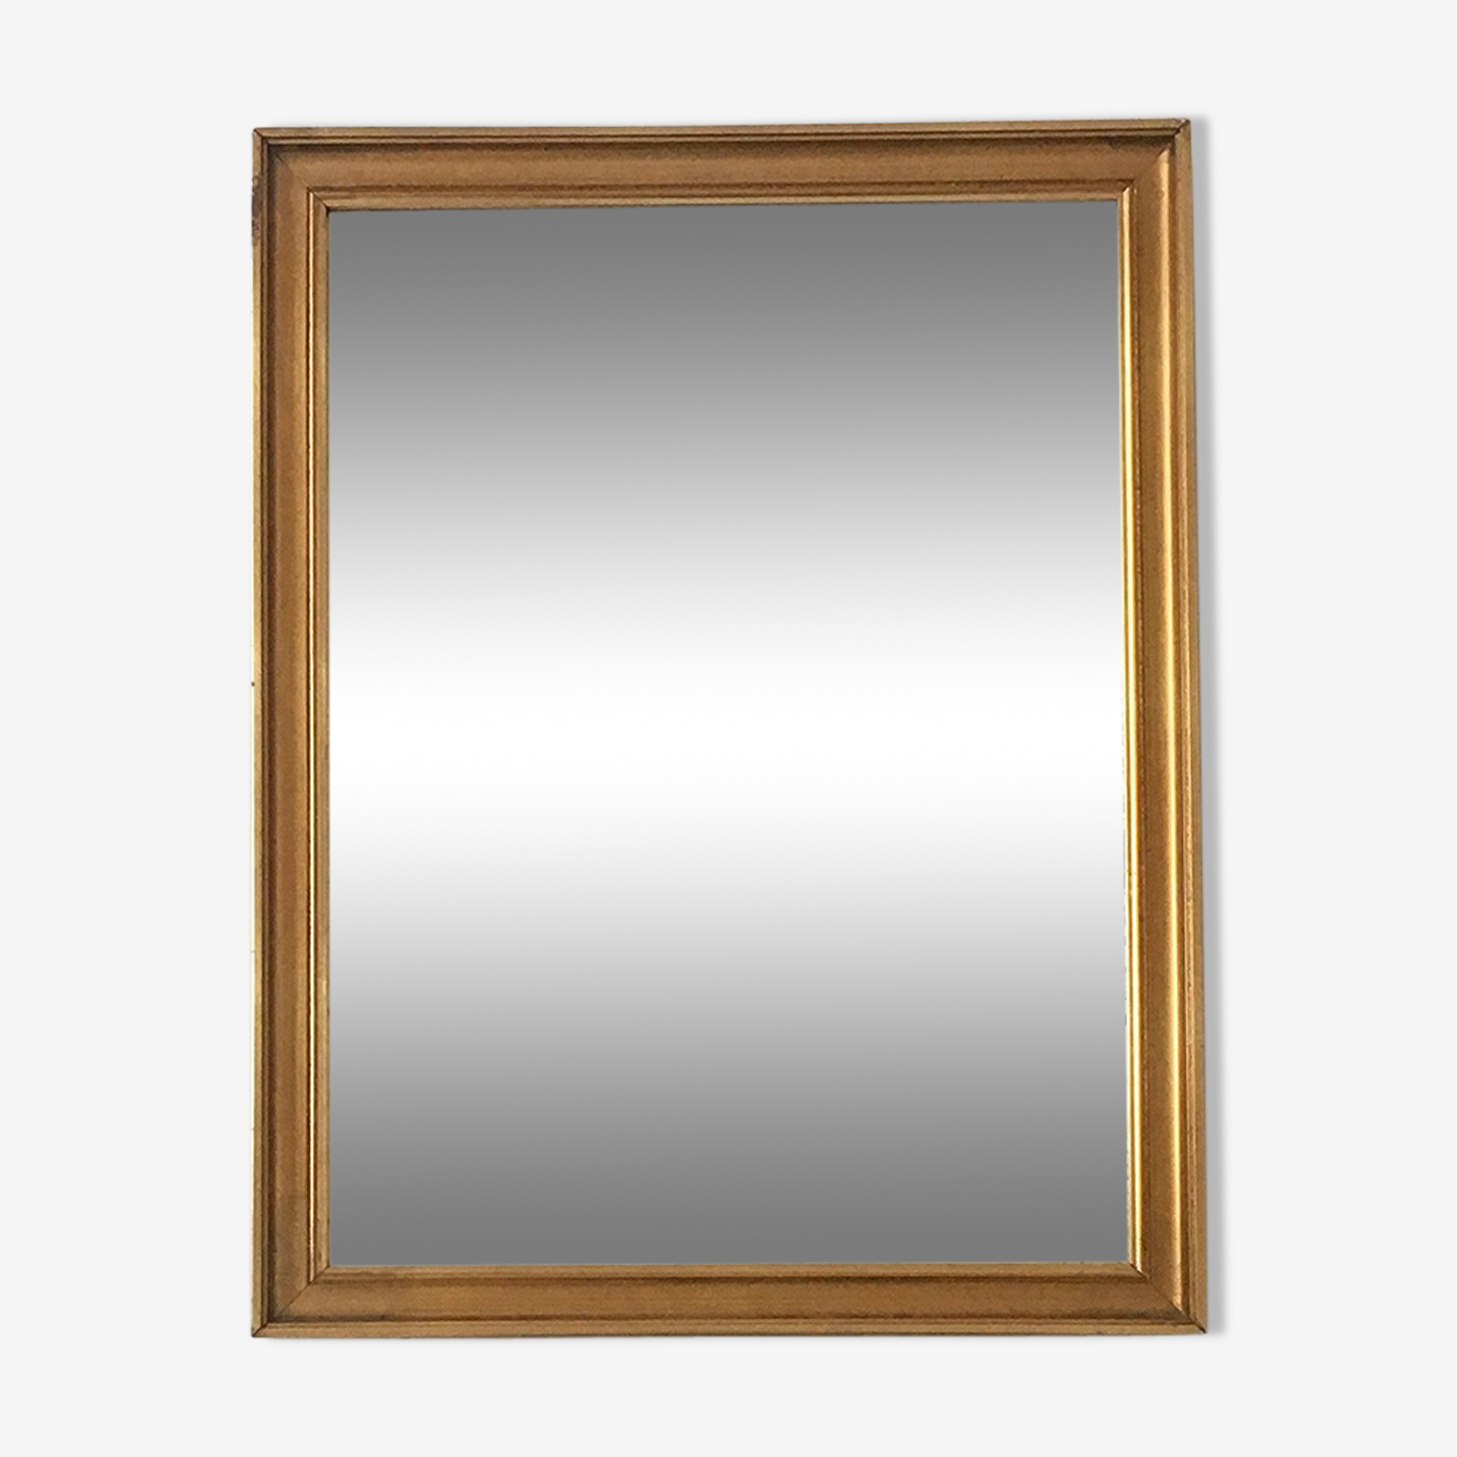 Golden vintage mirror 41x53cm